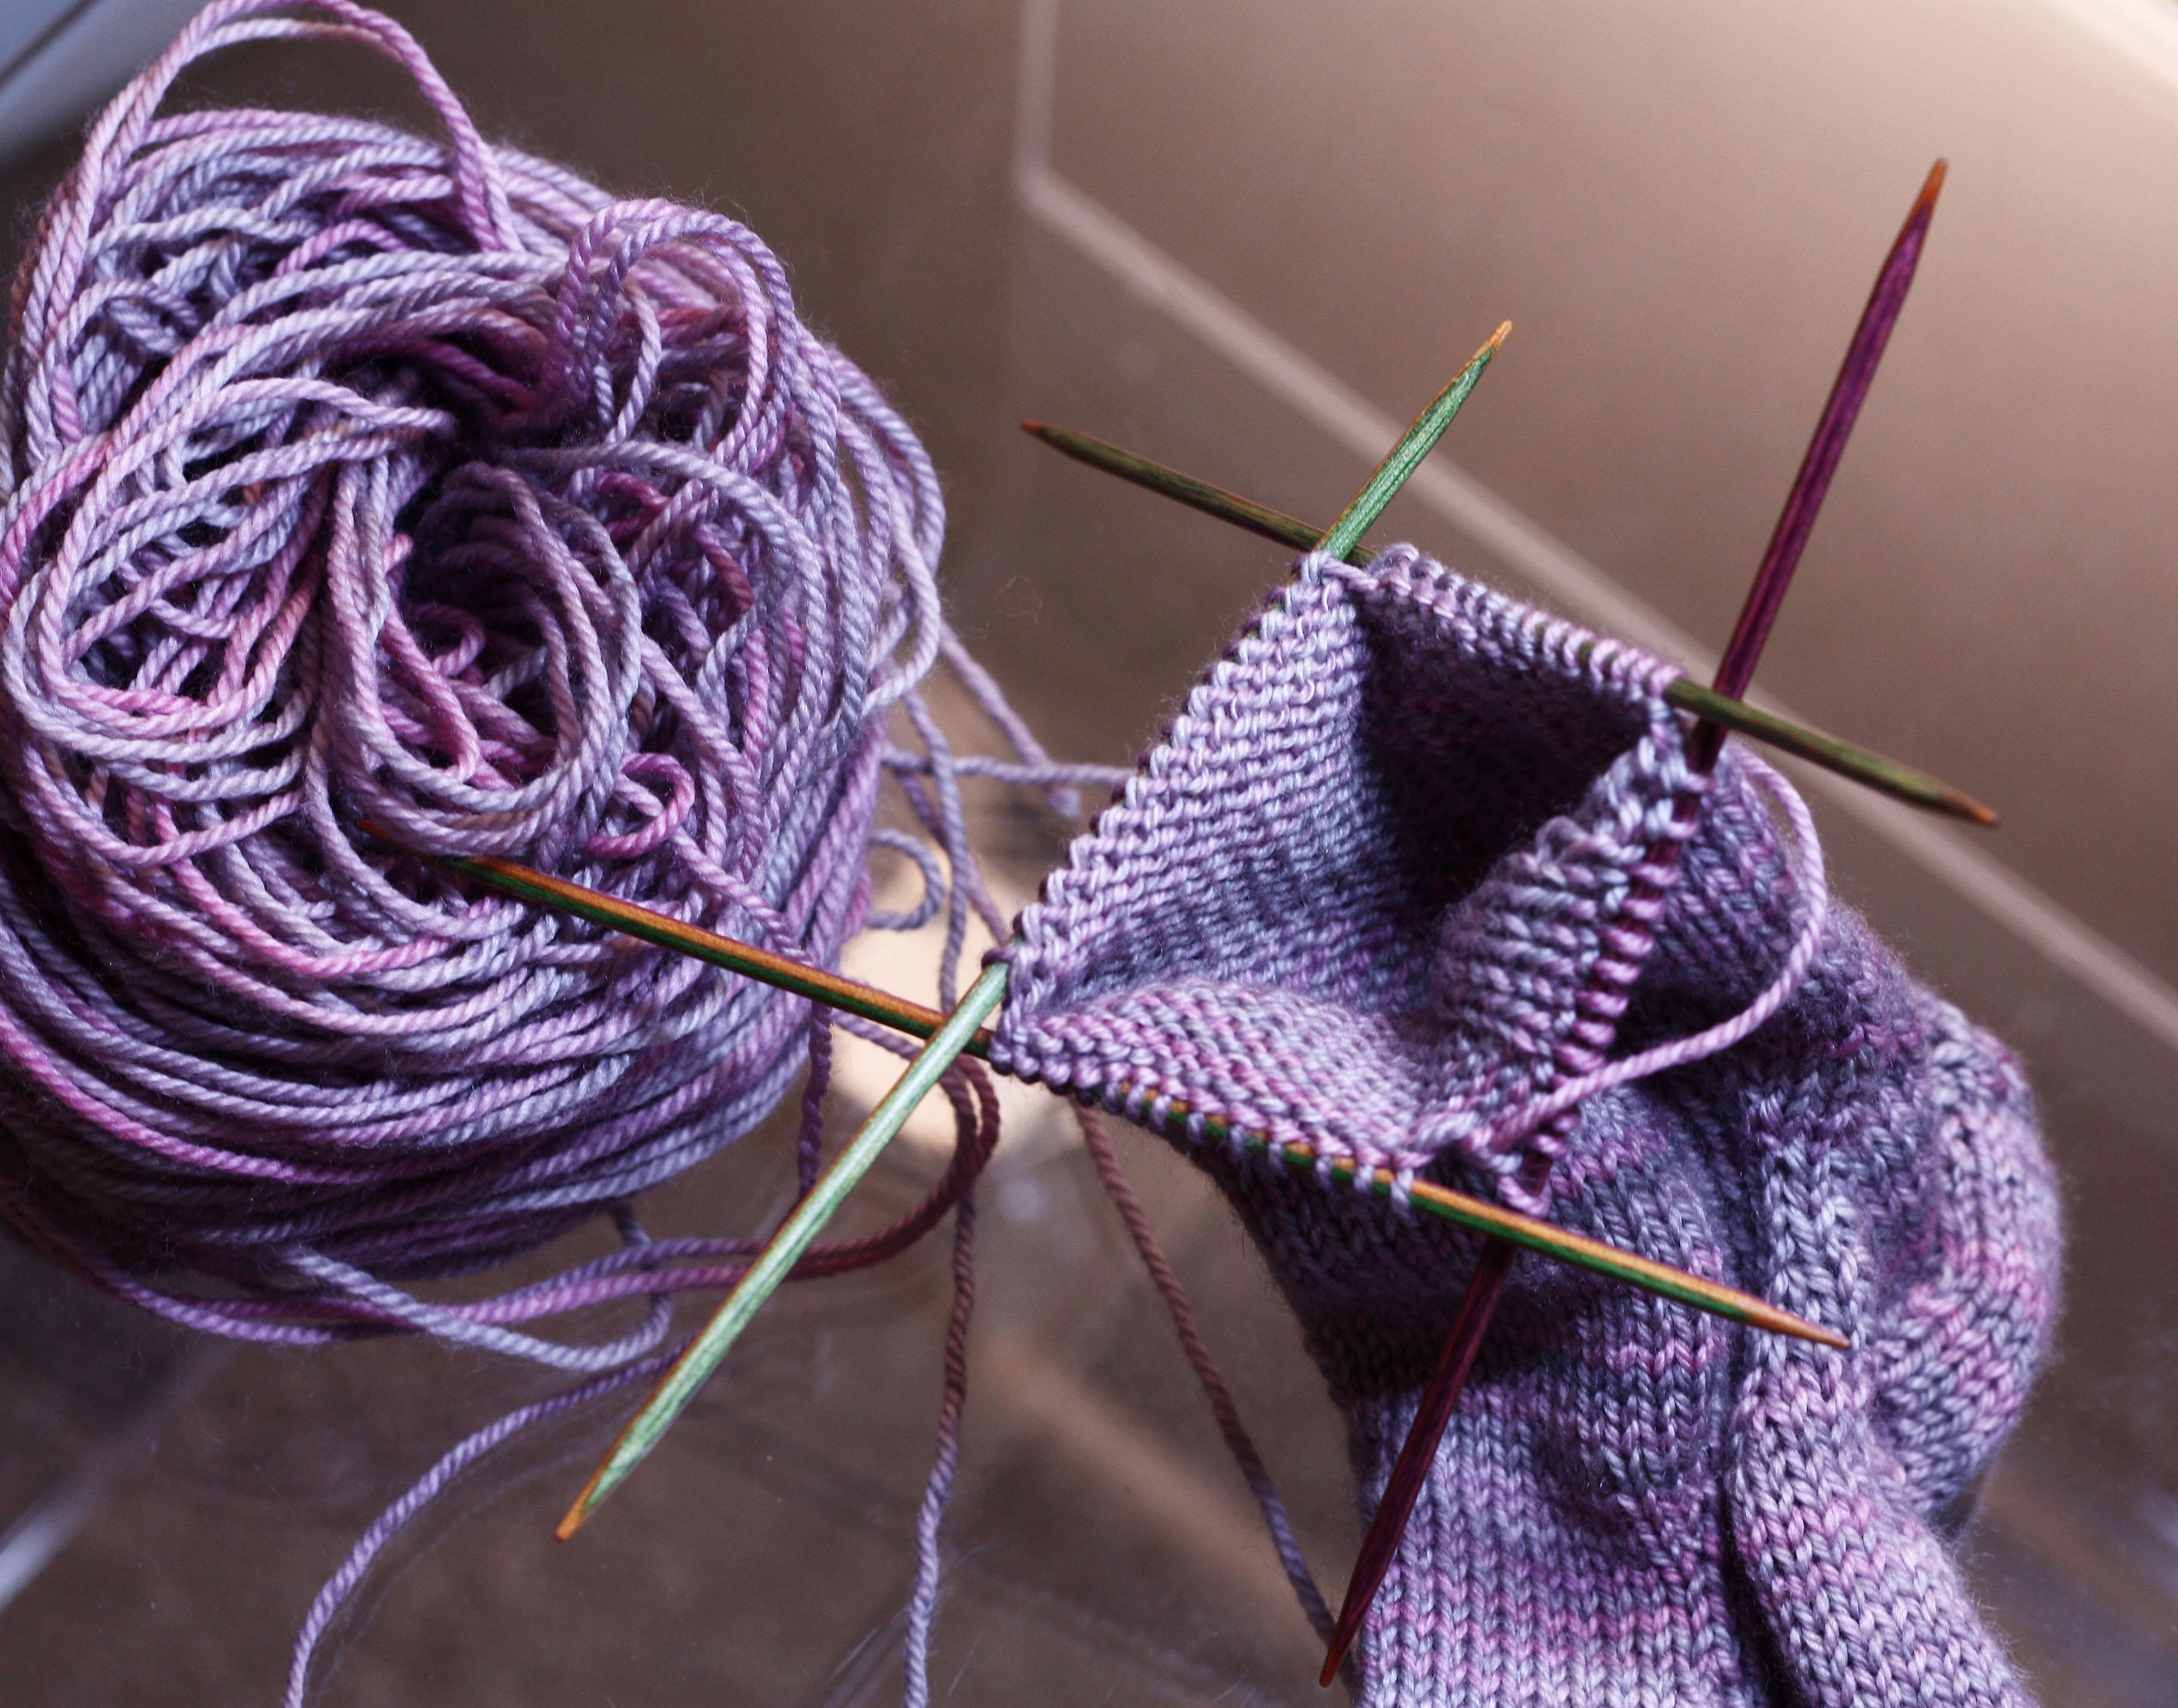 Apprendre à tricoter: oui mais comment?